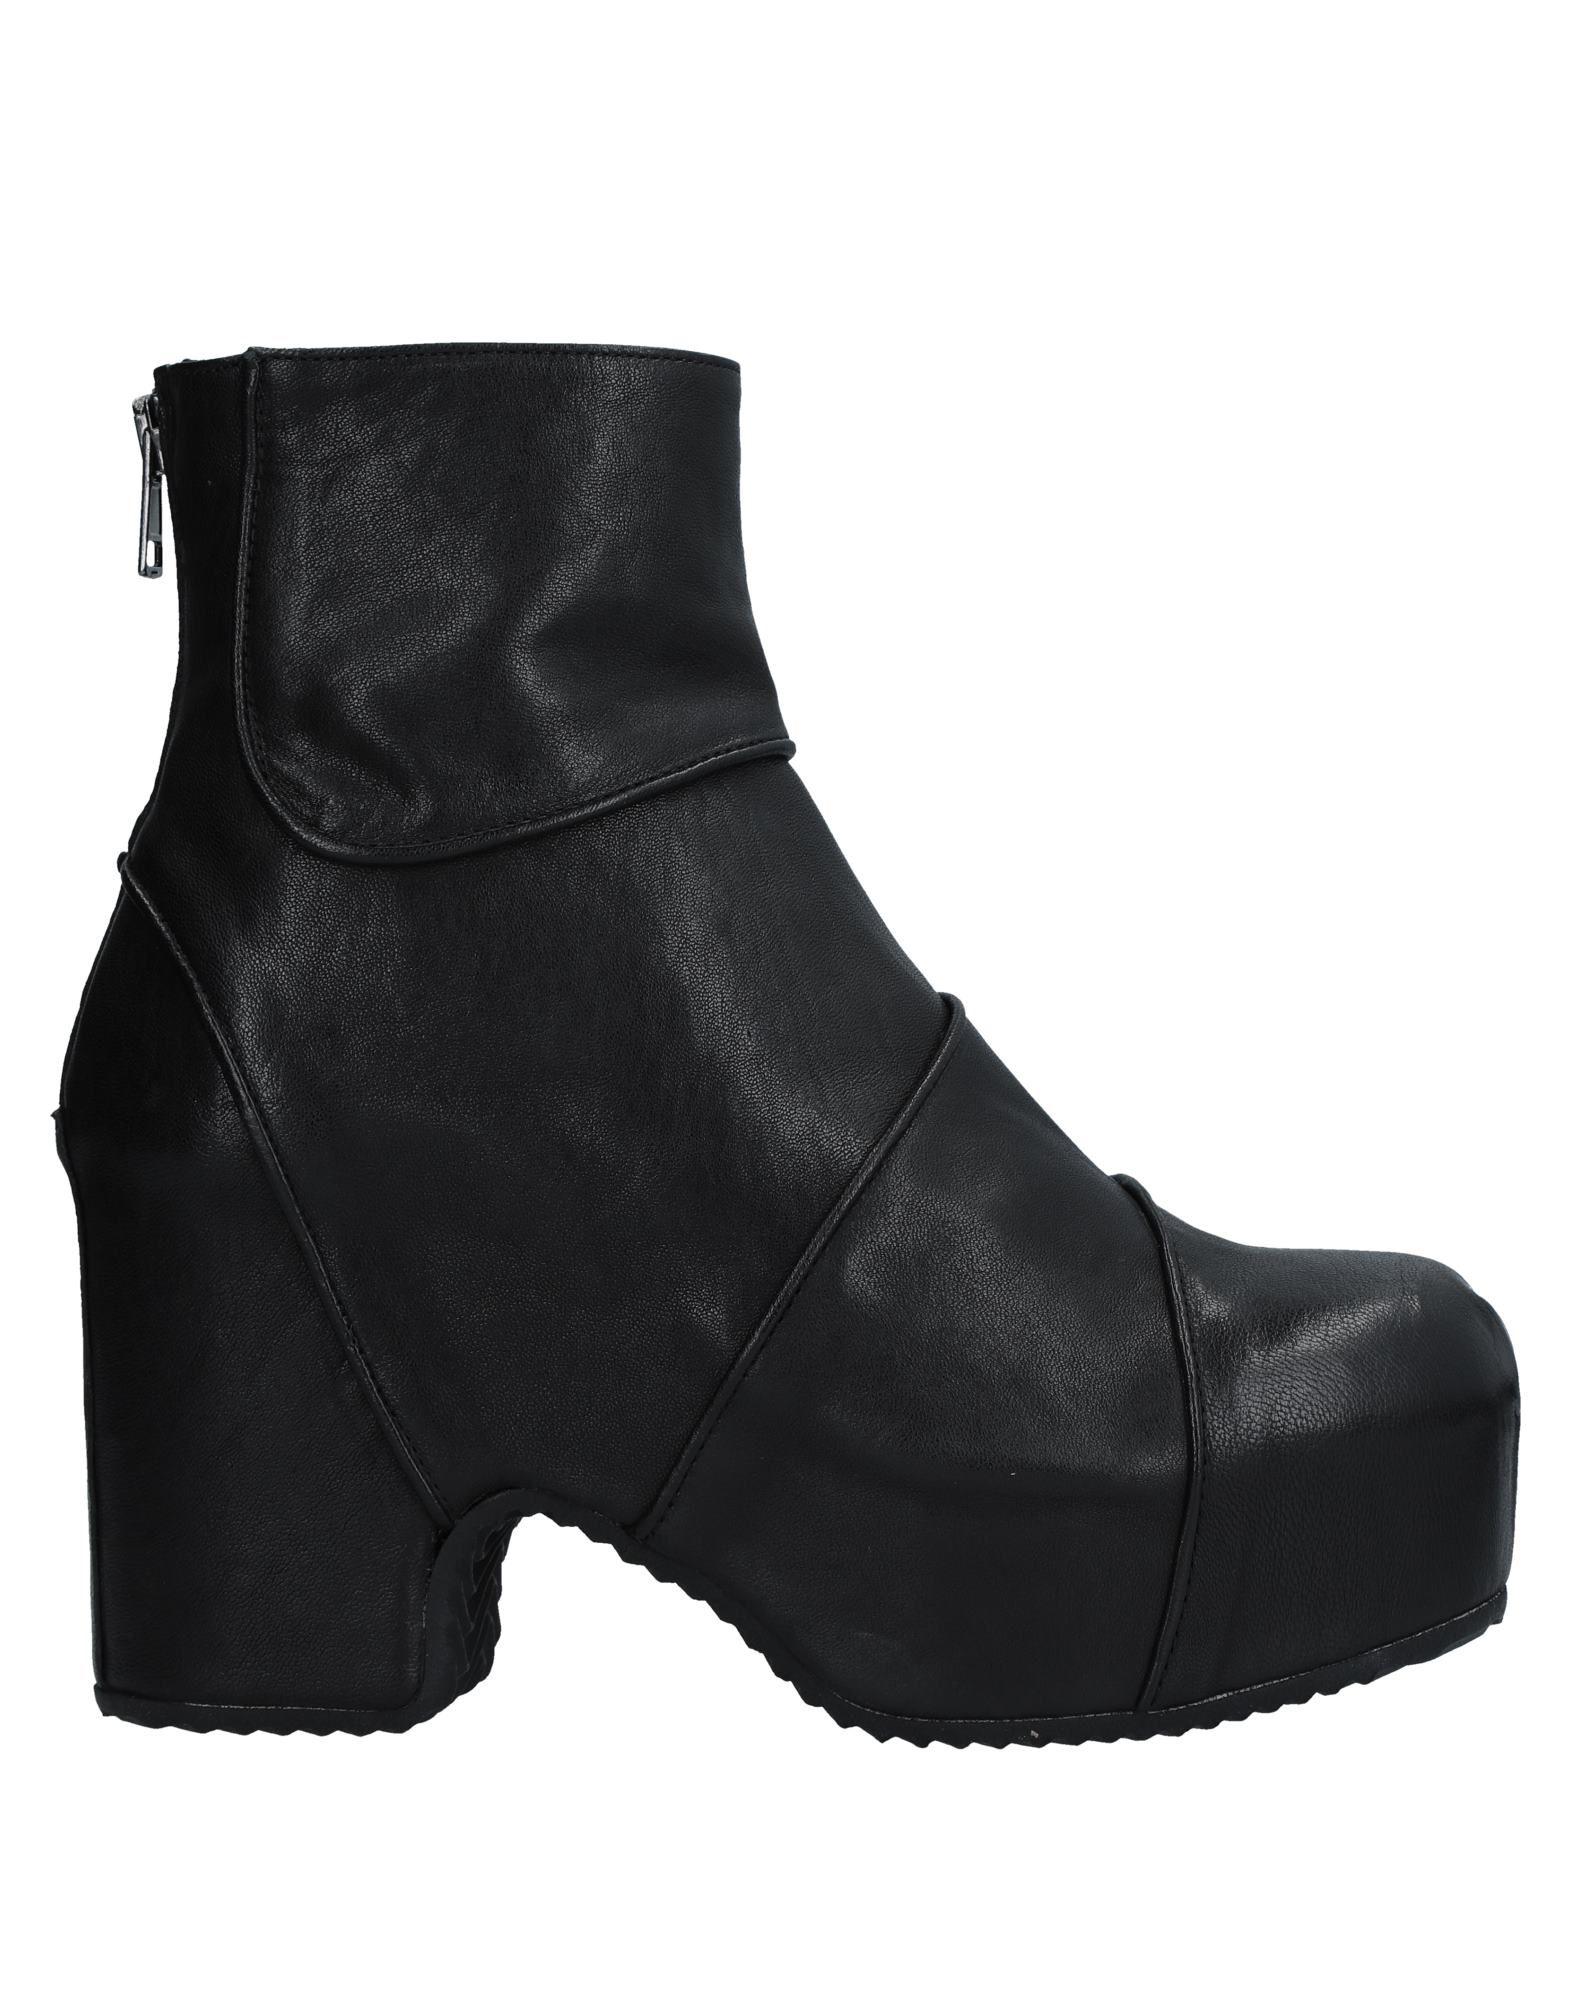 Michelediloco Stiefelette Damen  11521638AXGut aussehende strapazierfähige Schuhe